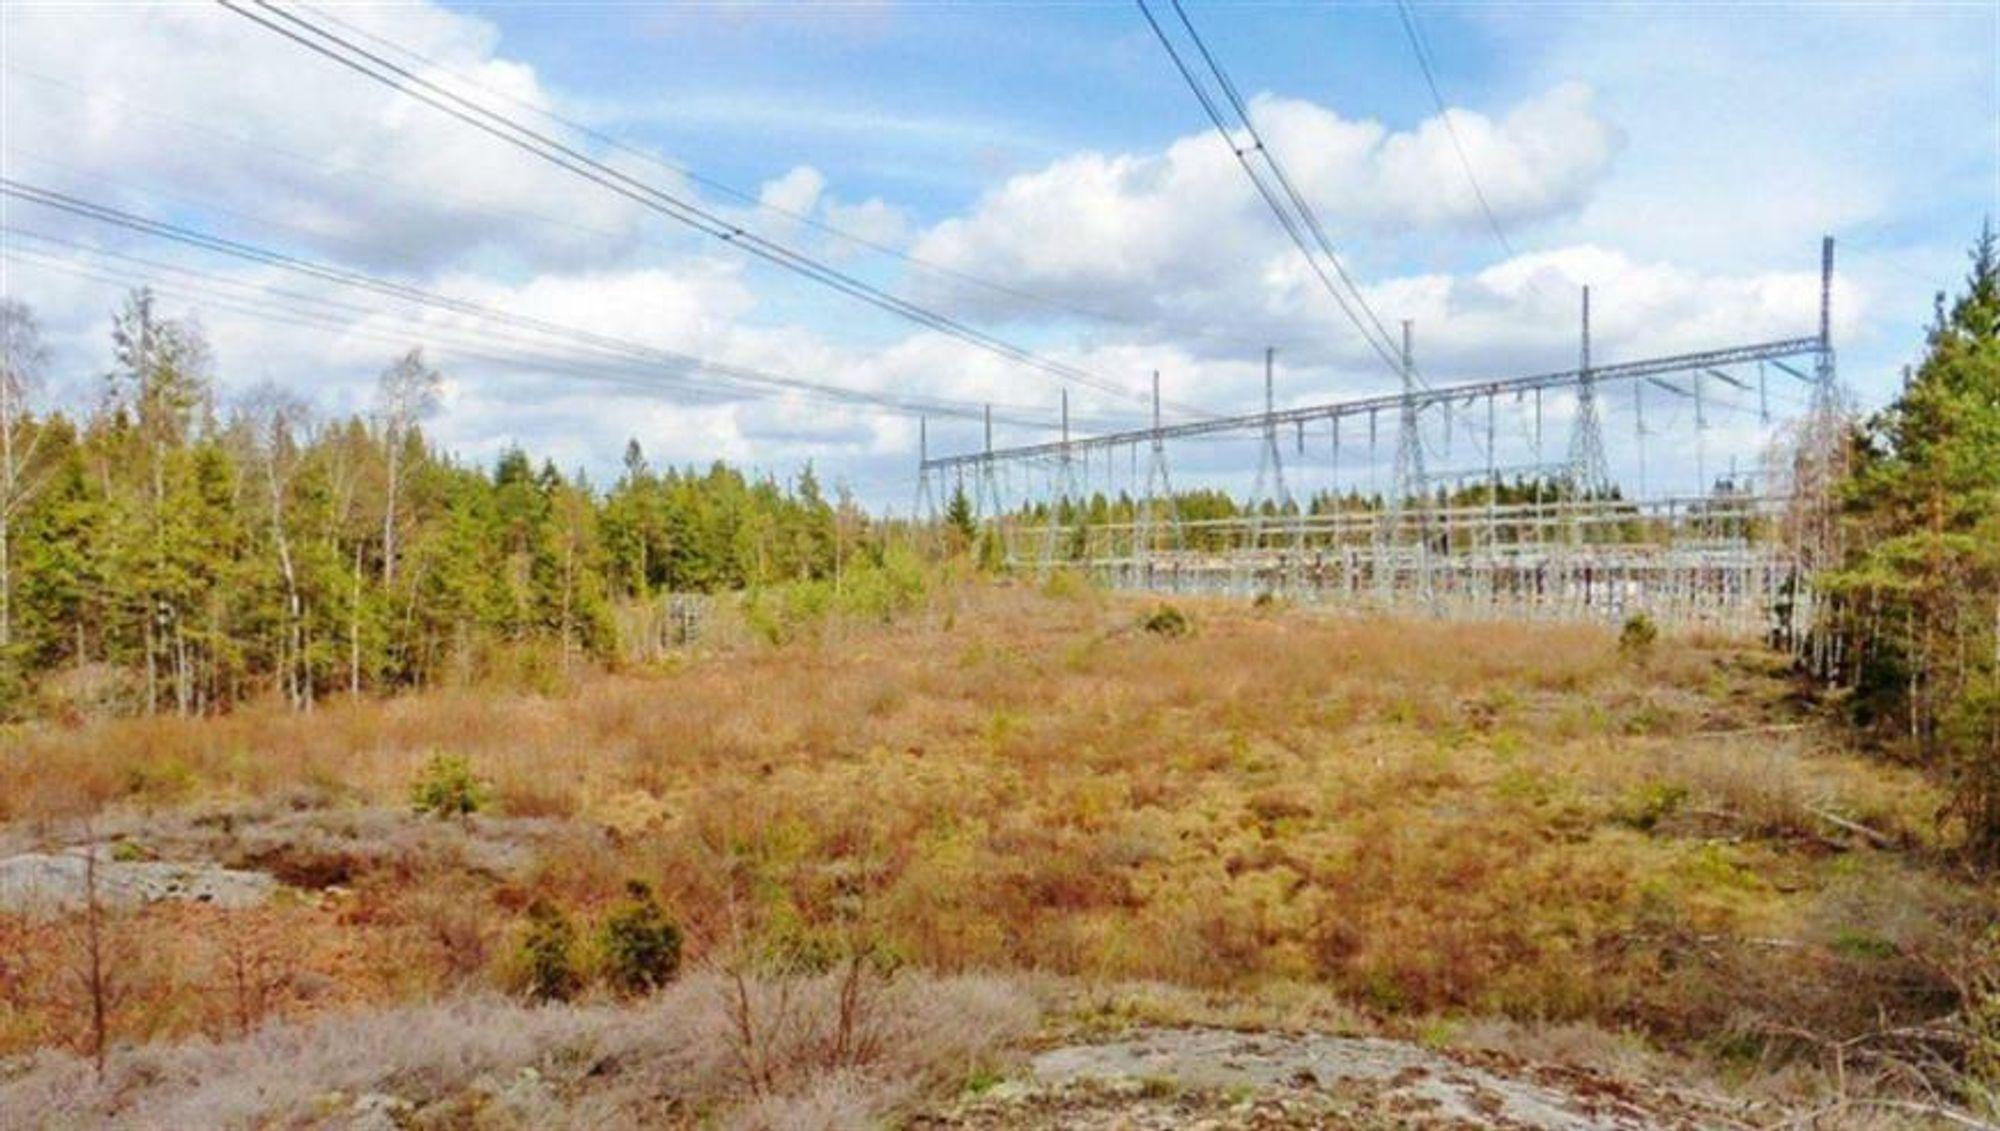 Her i Skogsäter ble det gjort omfattende arbeider i 2020, noe som reduserte kapasiteten mellom Norge og Sverige. – Ut fra markedsmeldingende sendte ut på starten av året var det vanskelig å forstå at arbeidet skulle vare så lenge og være så omfattende, sier Per Arne Vada i Energi Norge.